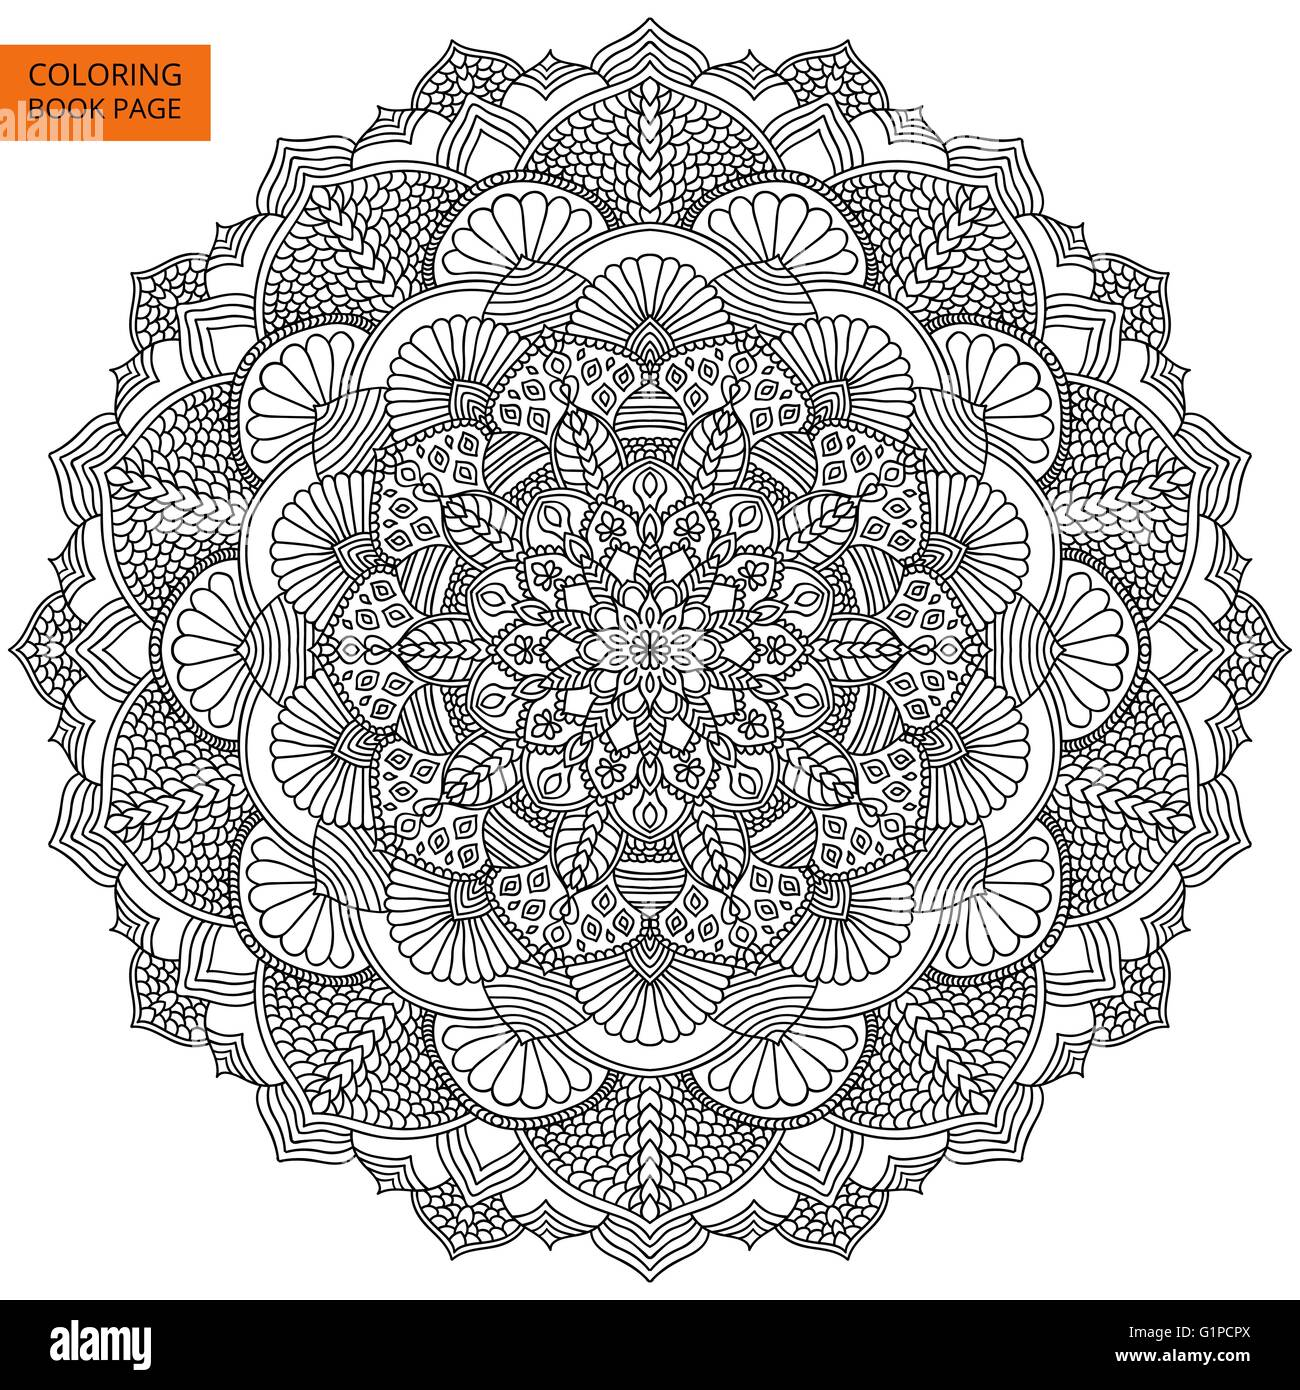 Intricate Black Mandala For Coloring Book Stock Vector Art